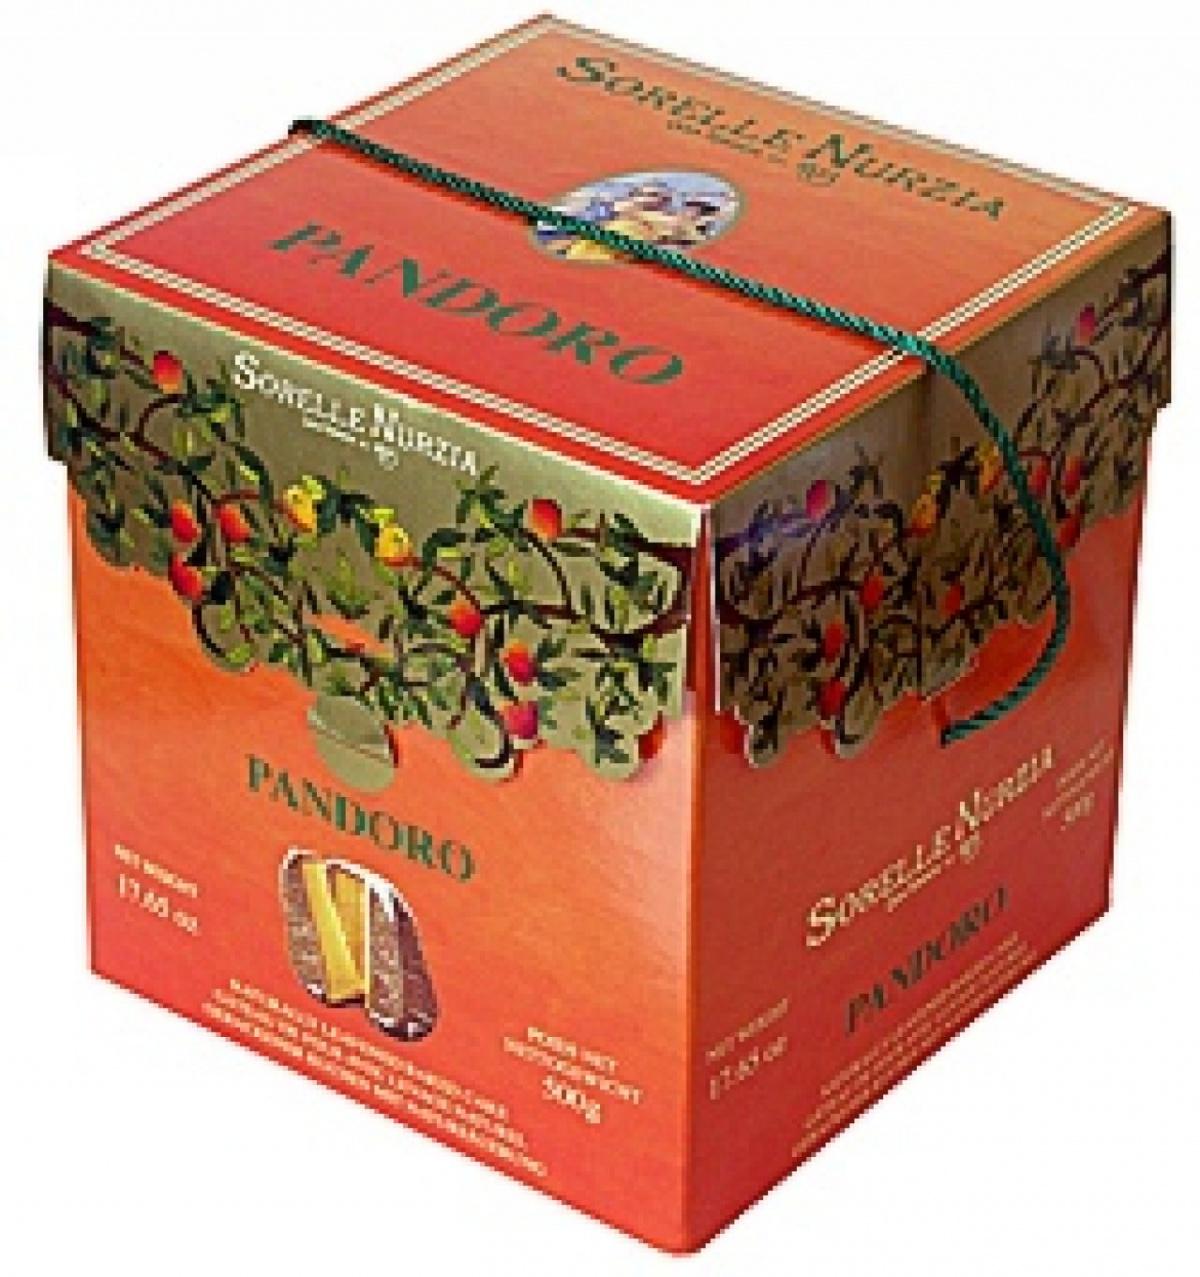 Boxed Pandori from Sorelle Nurzia